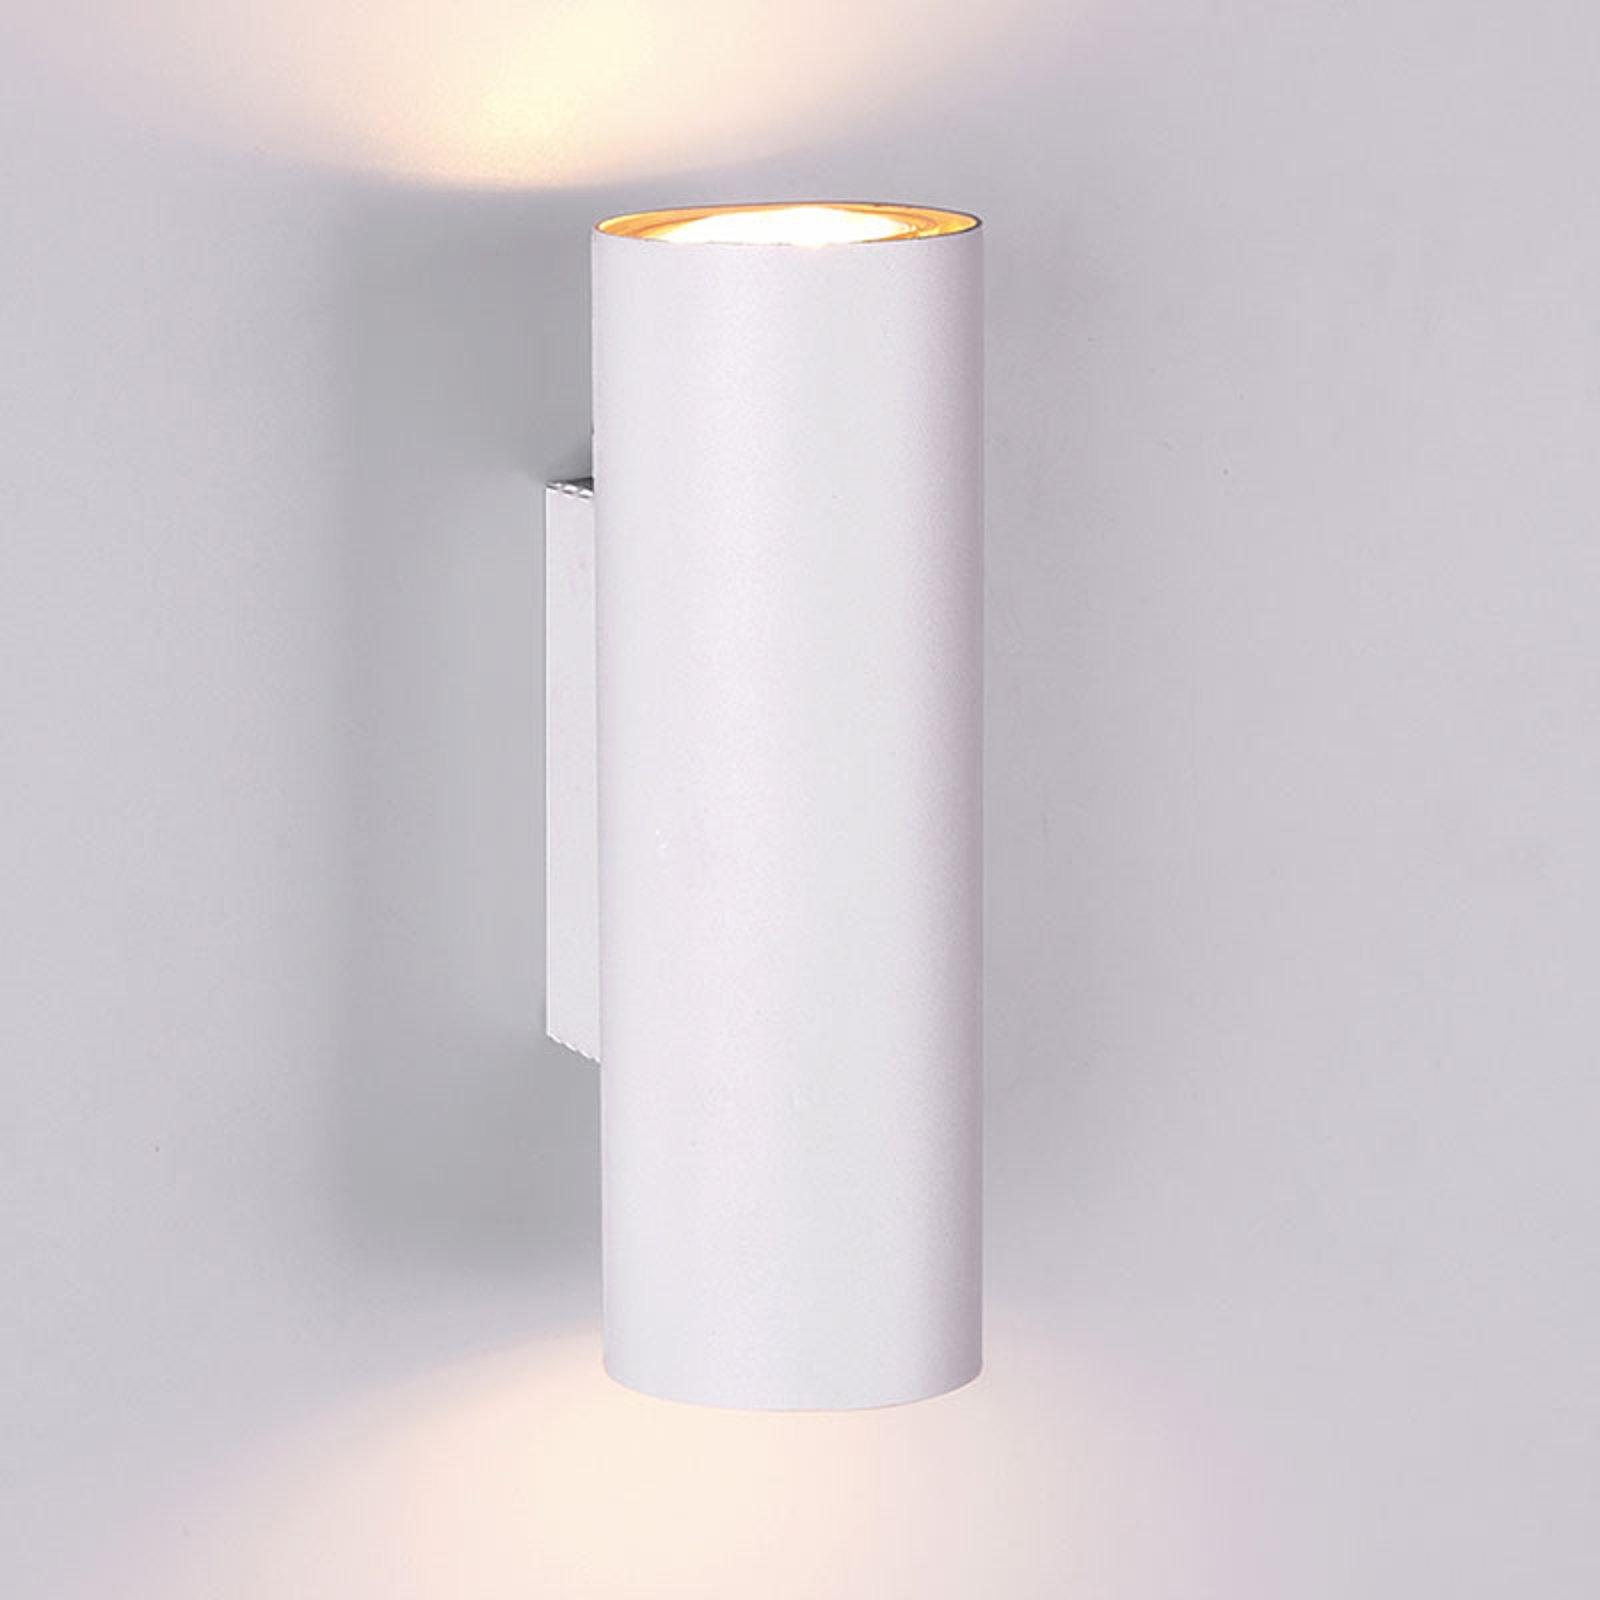 Vegglampe Marley i hvitt